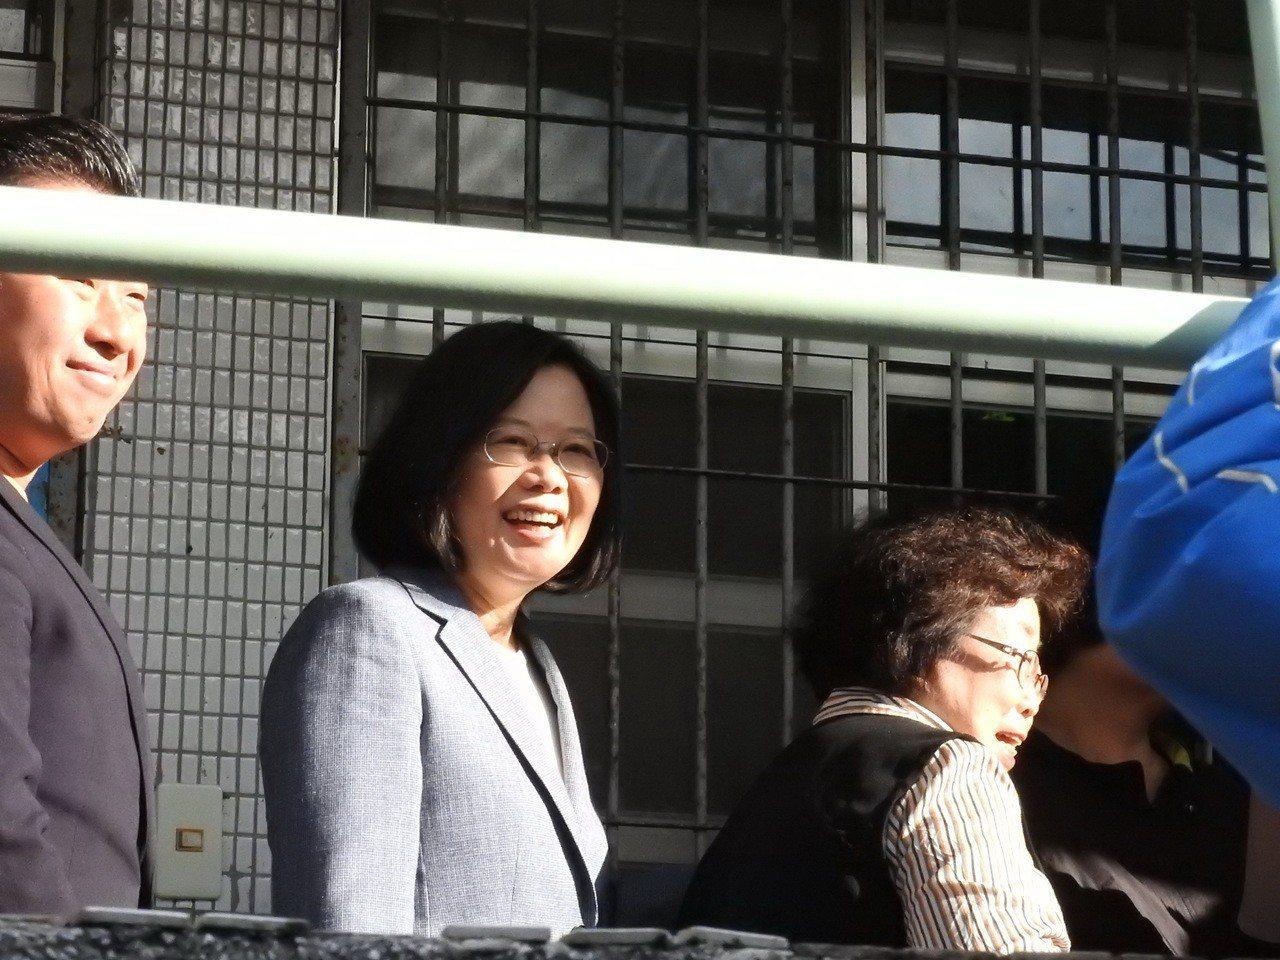 總統蔡英文今天上午8點半現身新北市永和秀朗國小,跟民眾一起排隊等候投票,神情輕鬆...